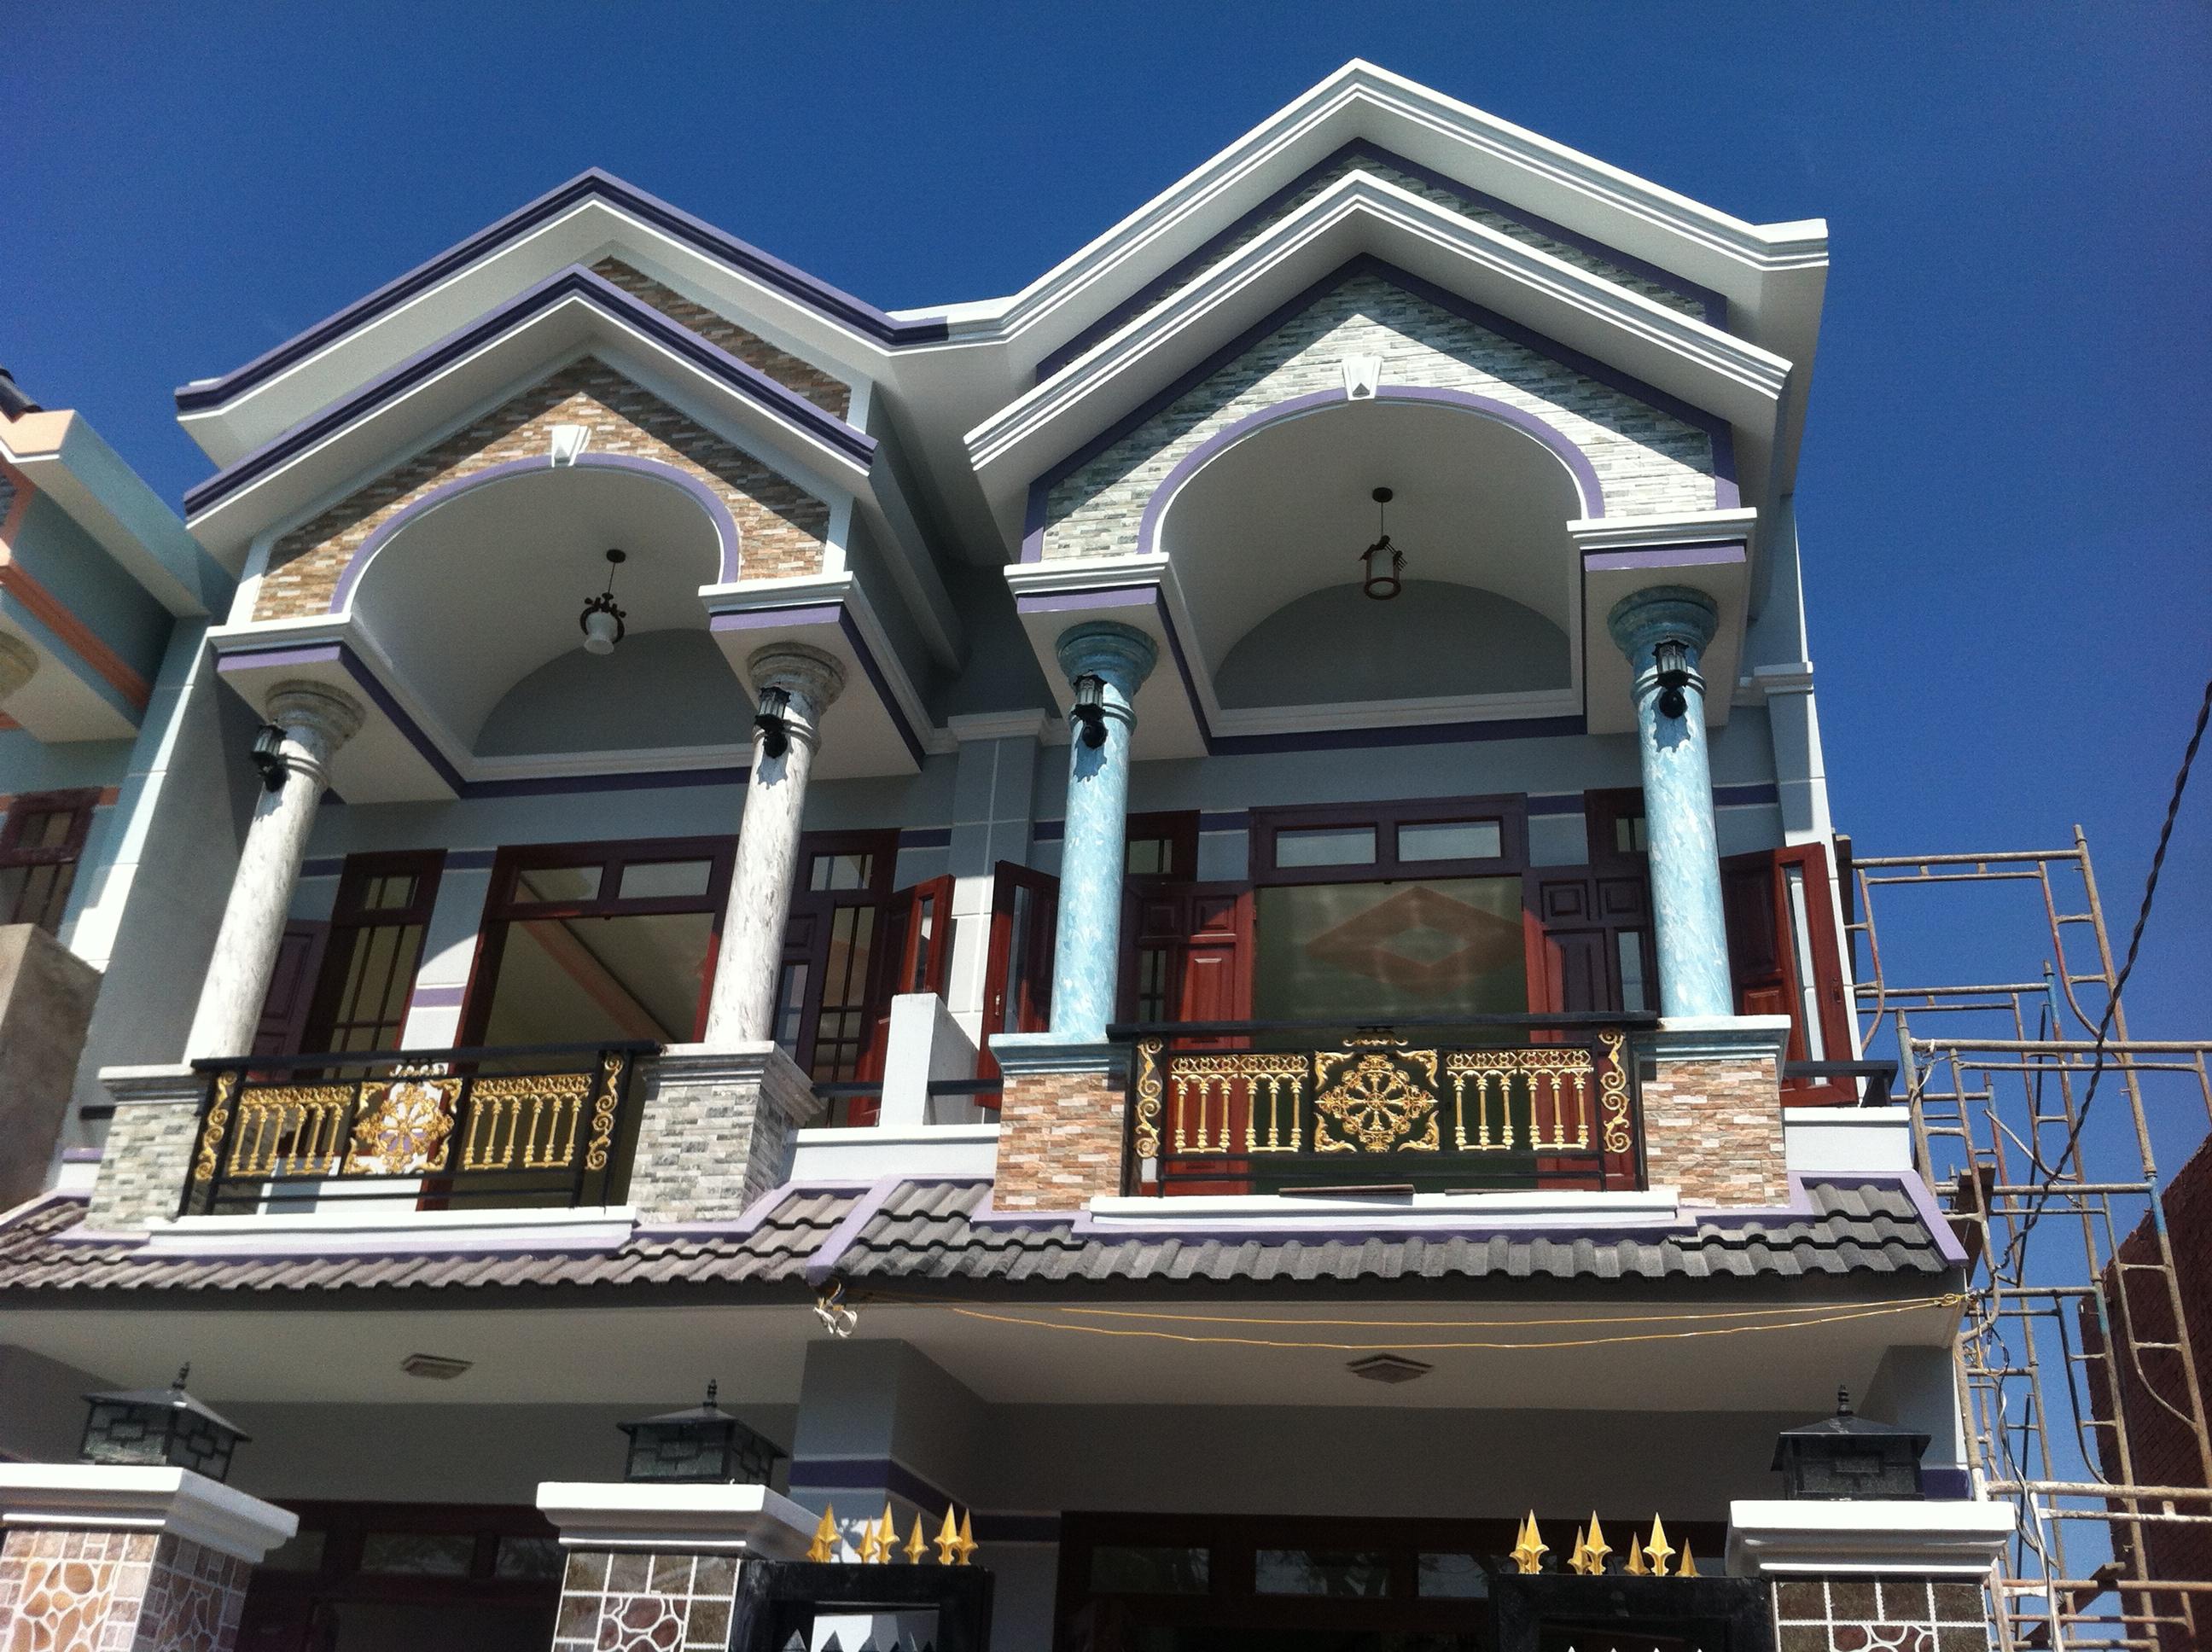 Phía trước Mẫu nhà phố đẹp nhất ở dĩ an bình dương đang bán